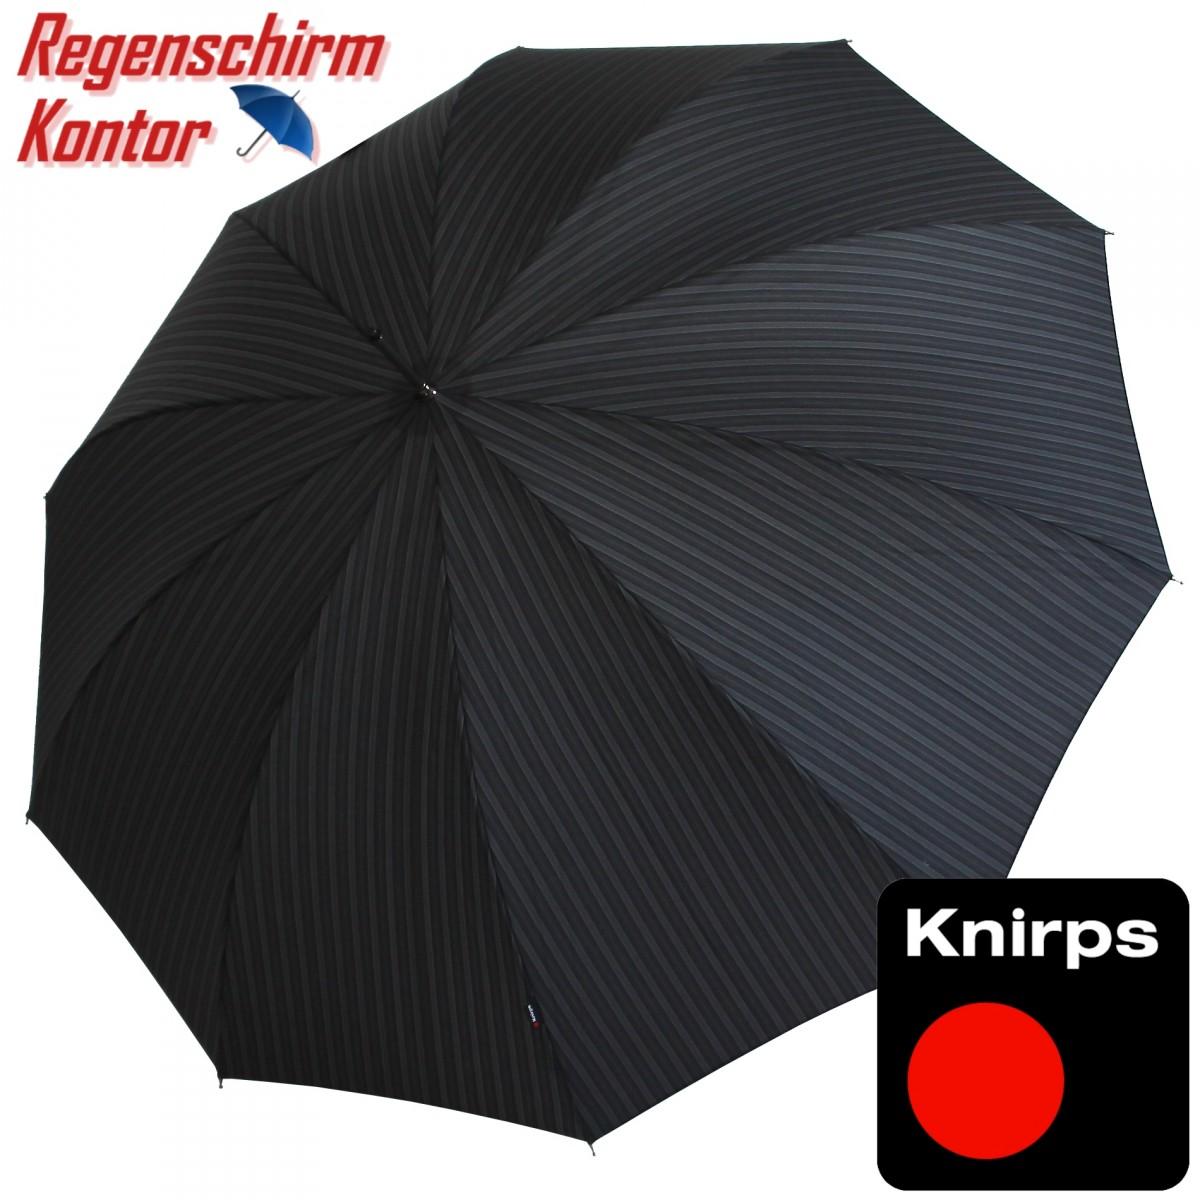 regenschirm knirps long ac herrenedition grau. Black Bedroom Furniture Sets. Home Design Ideas